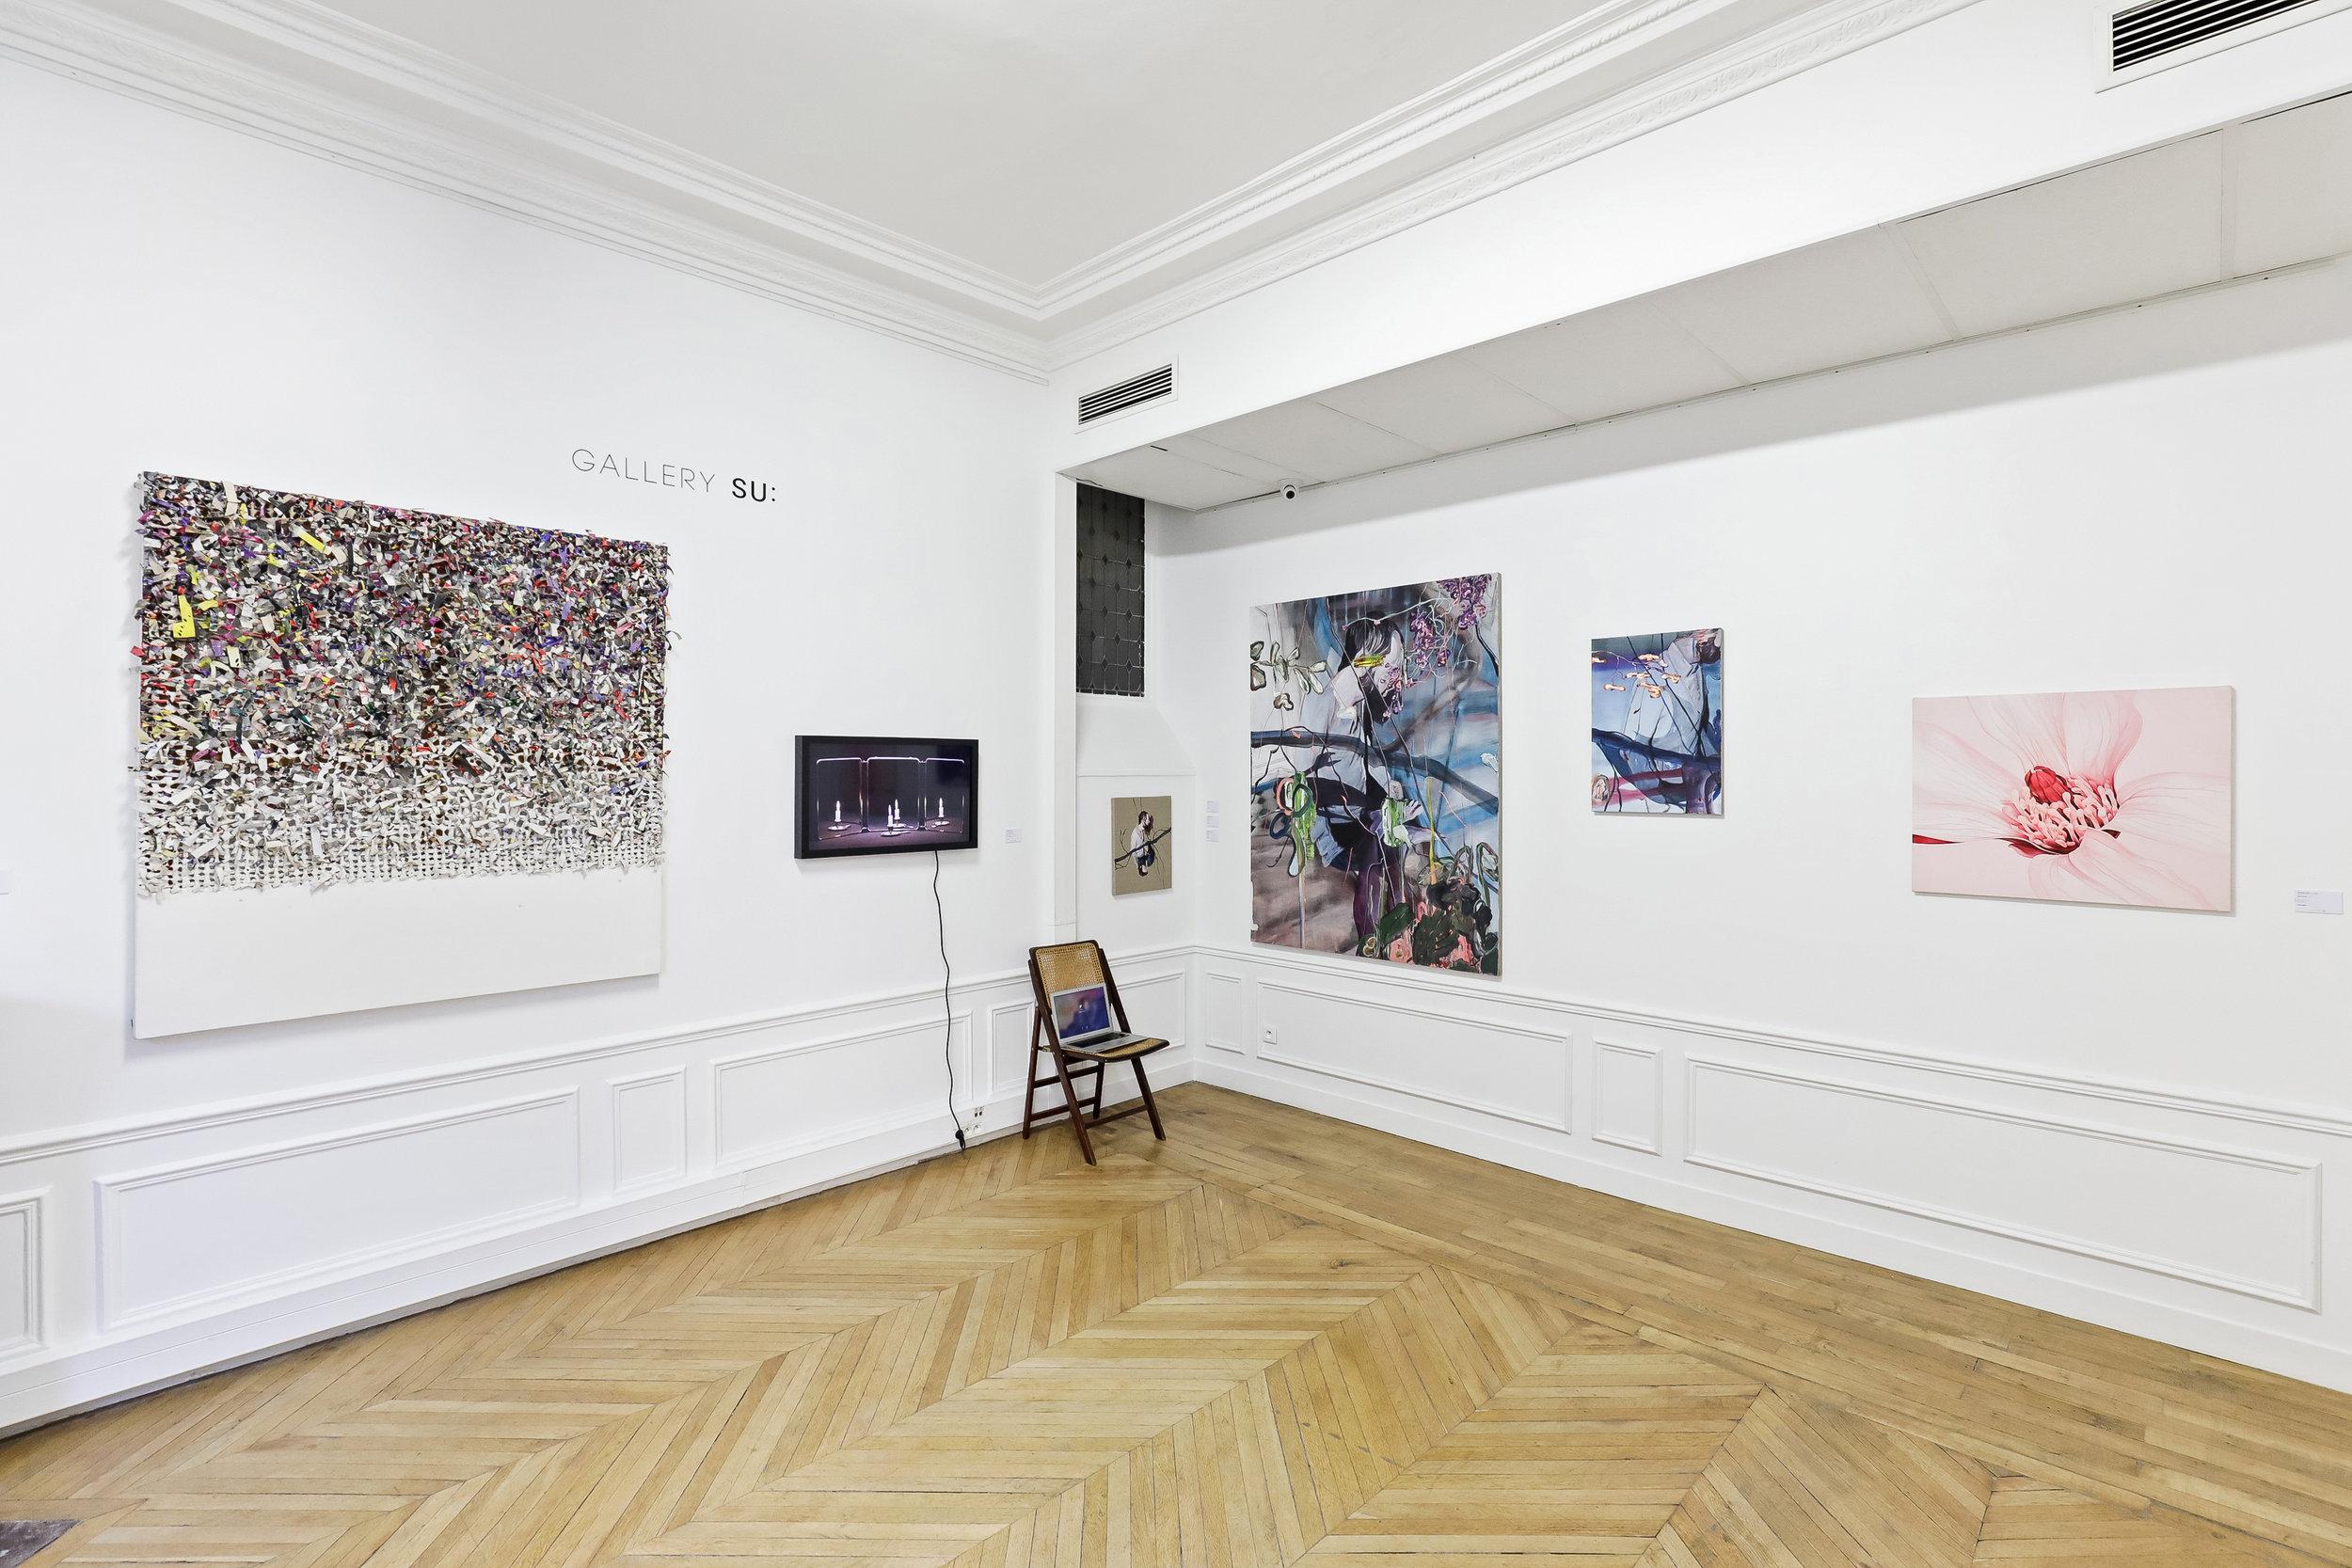 Gallery SU: